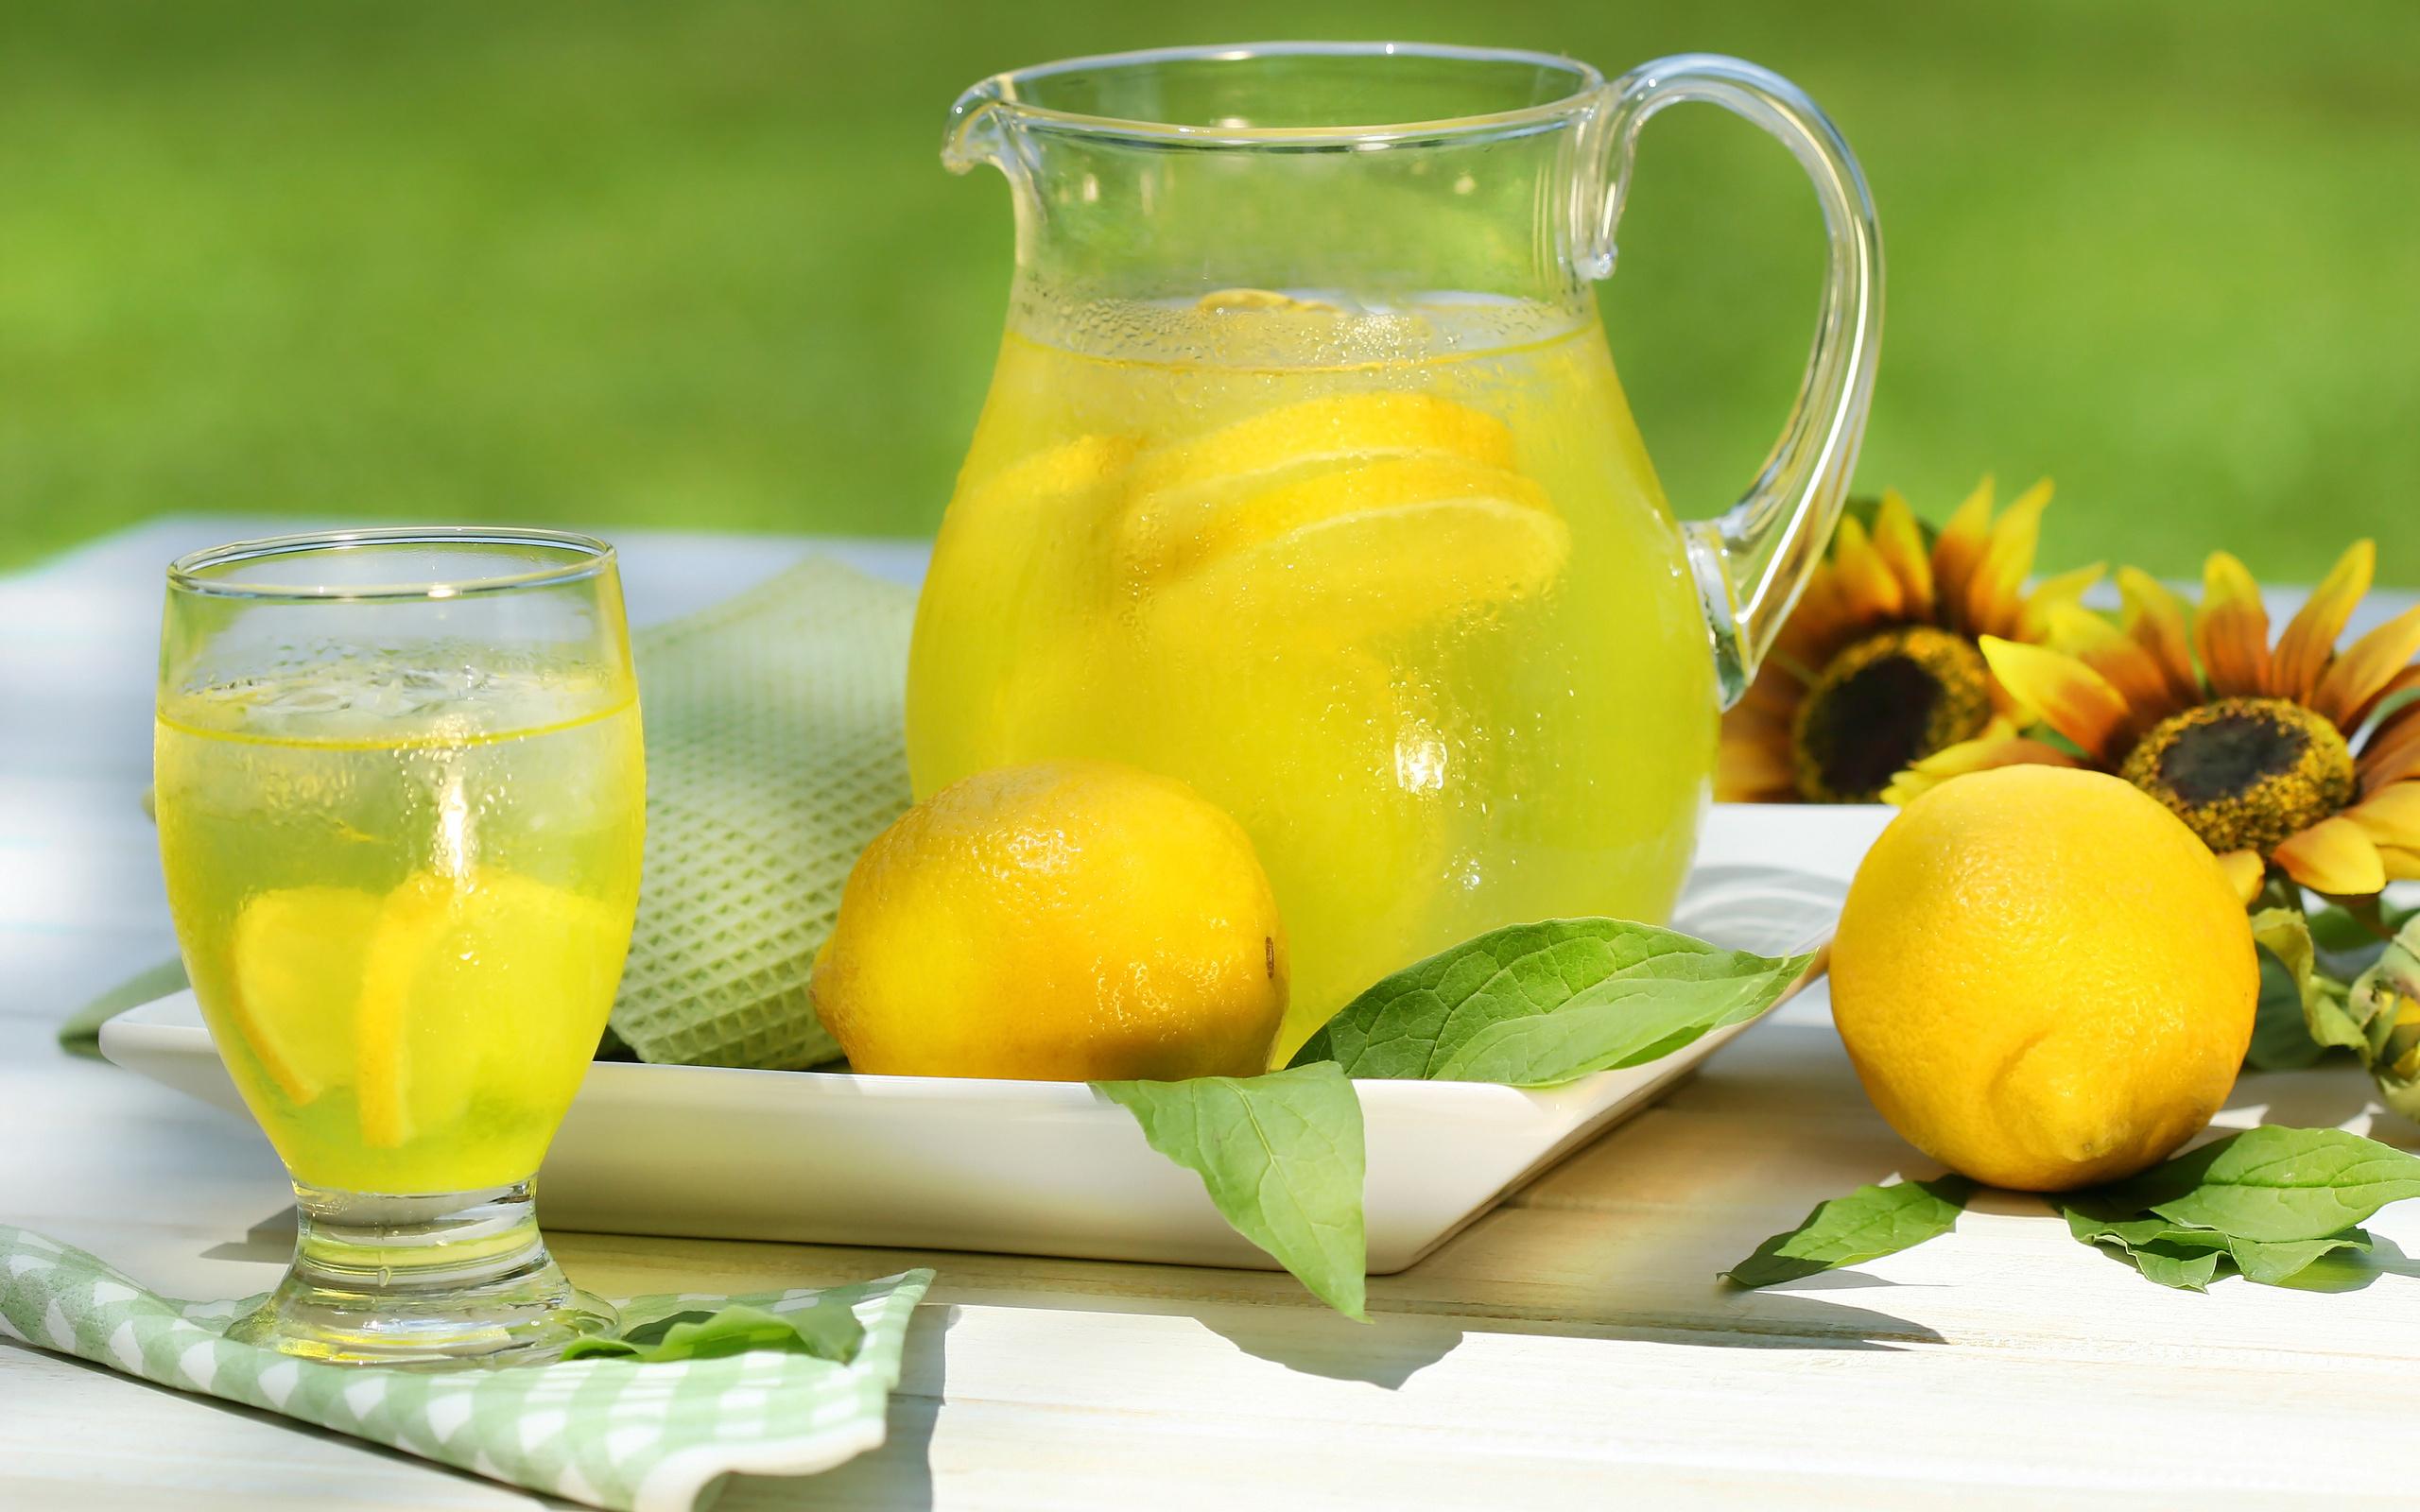 Free Lemonade Wallpaper